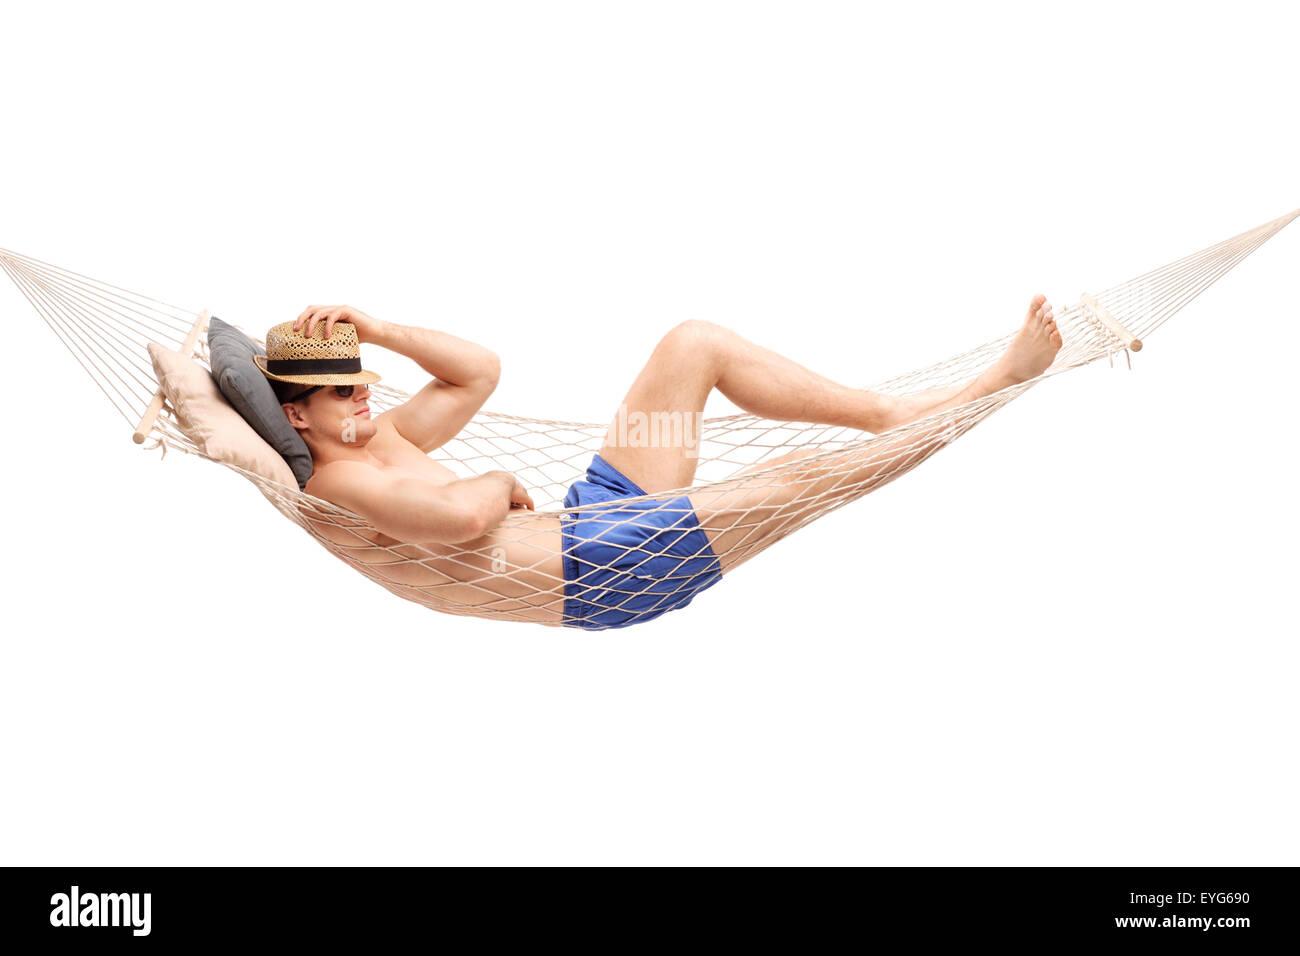 Schlafen nackt oberkoerper photos 2